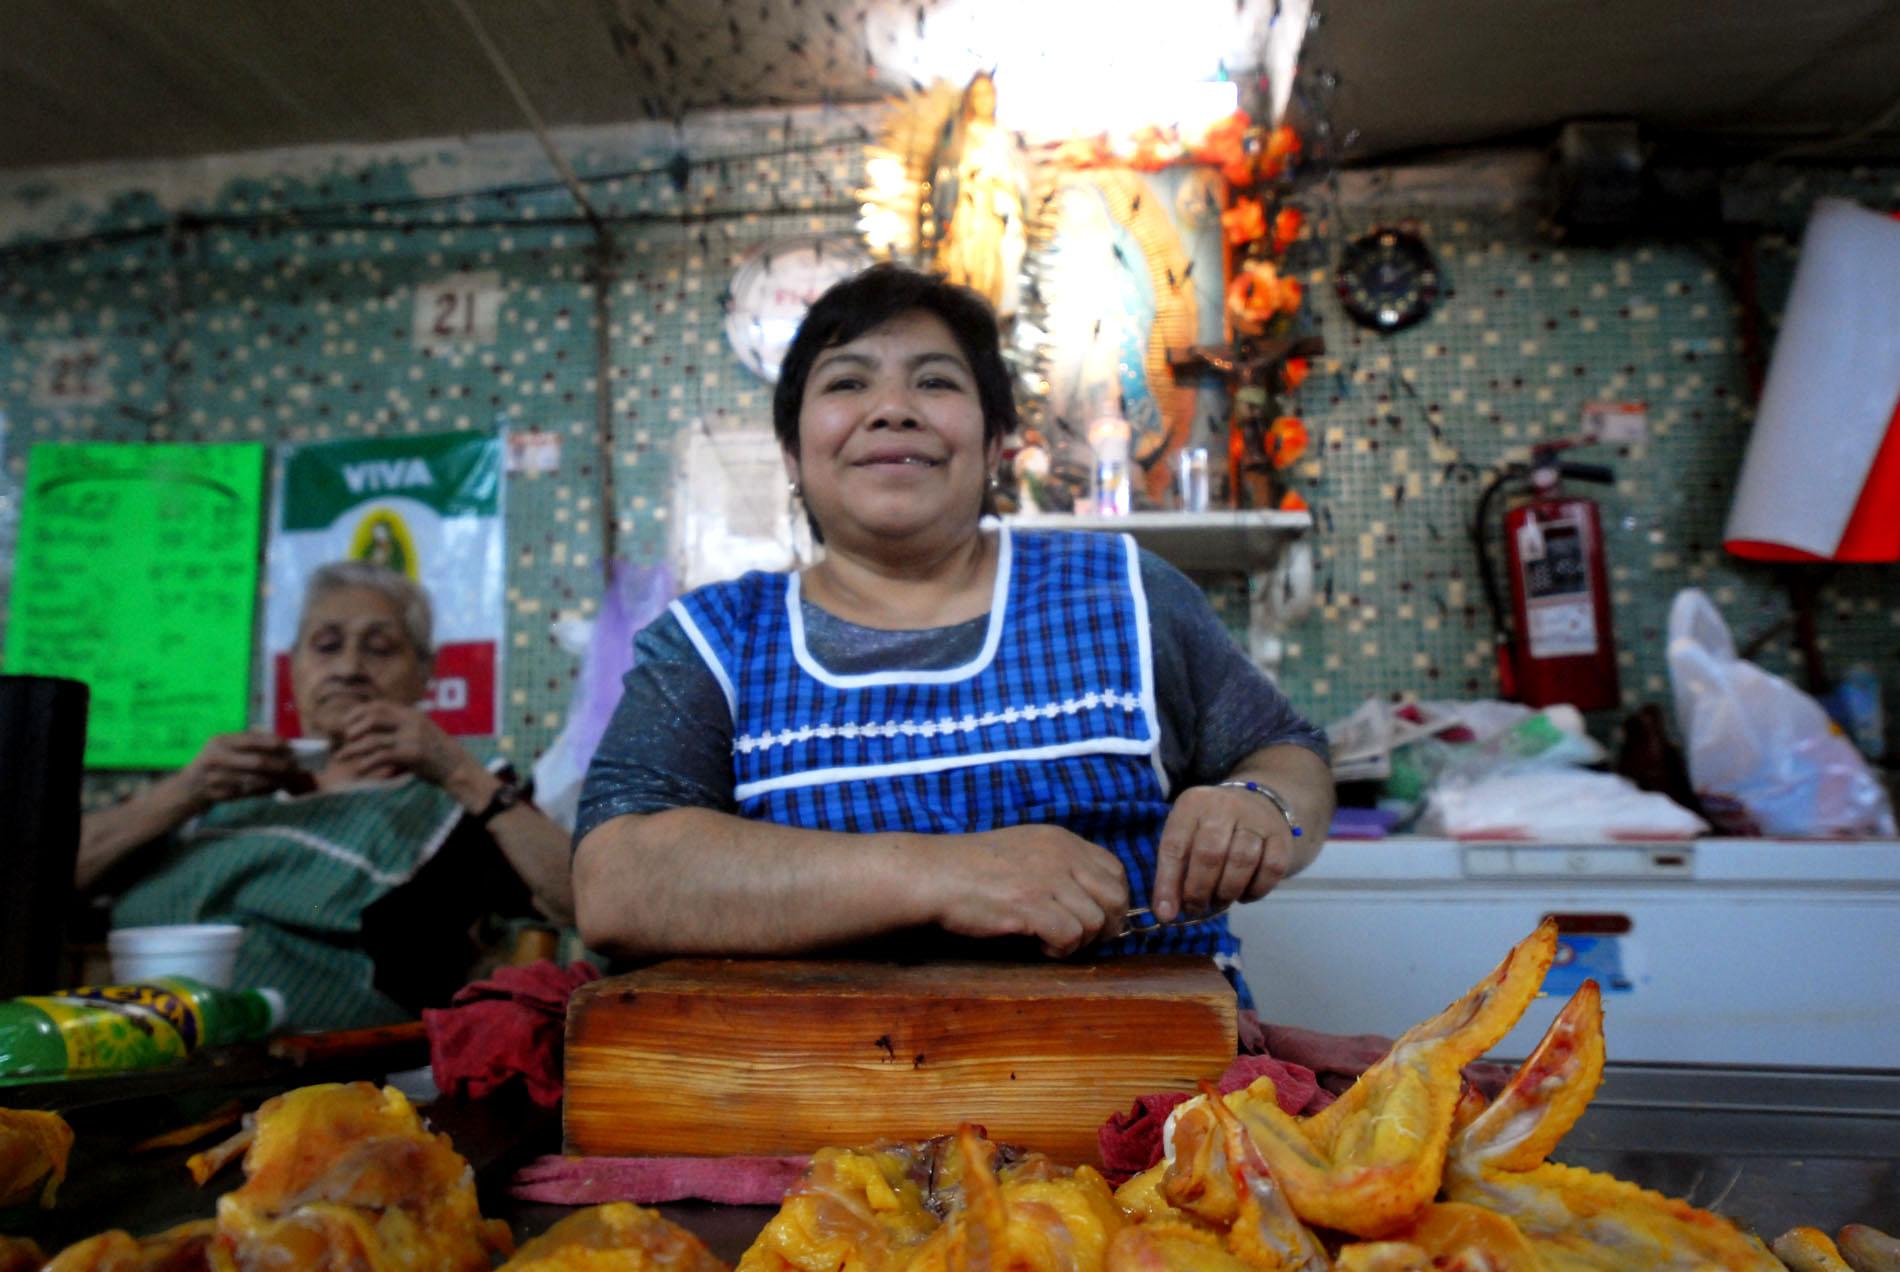 Mercado Jauregui